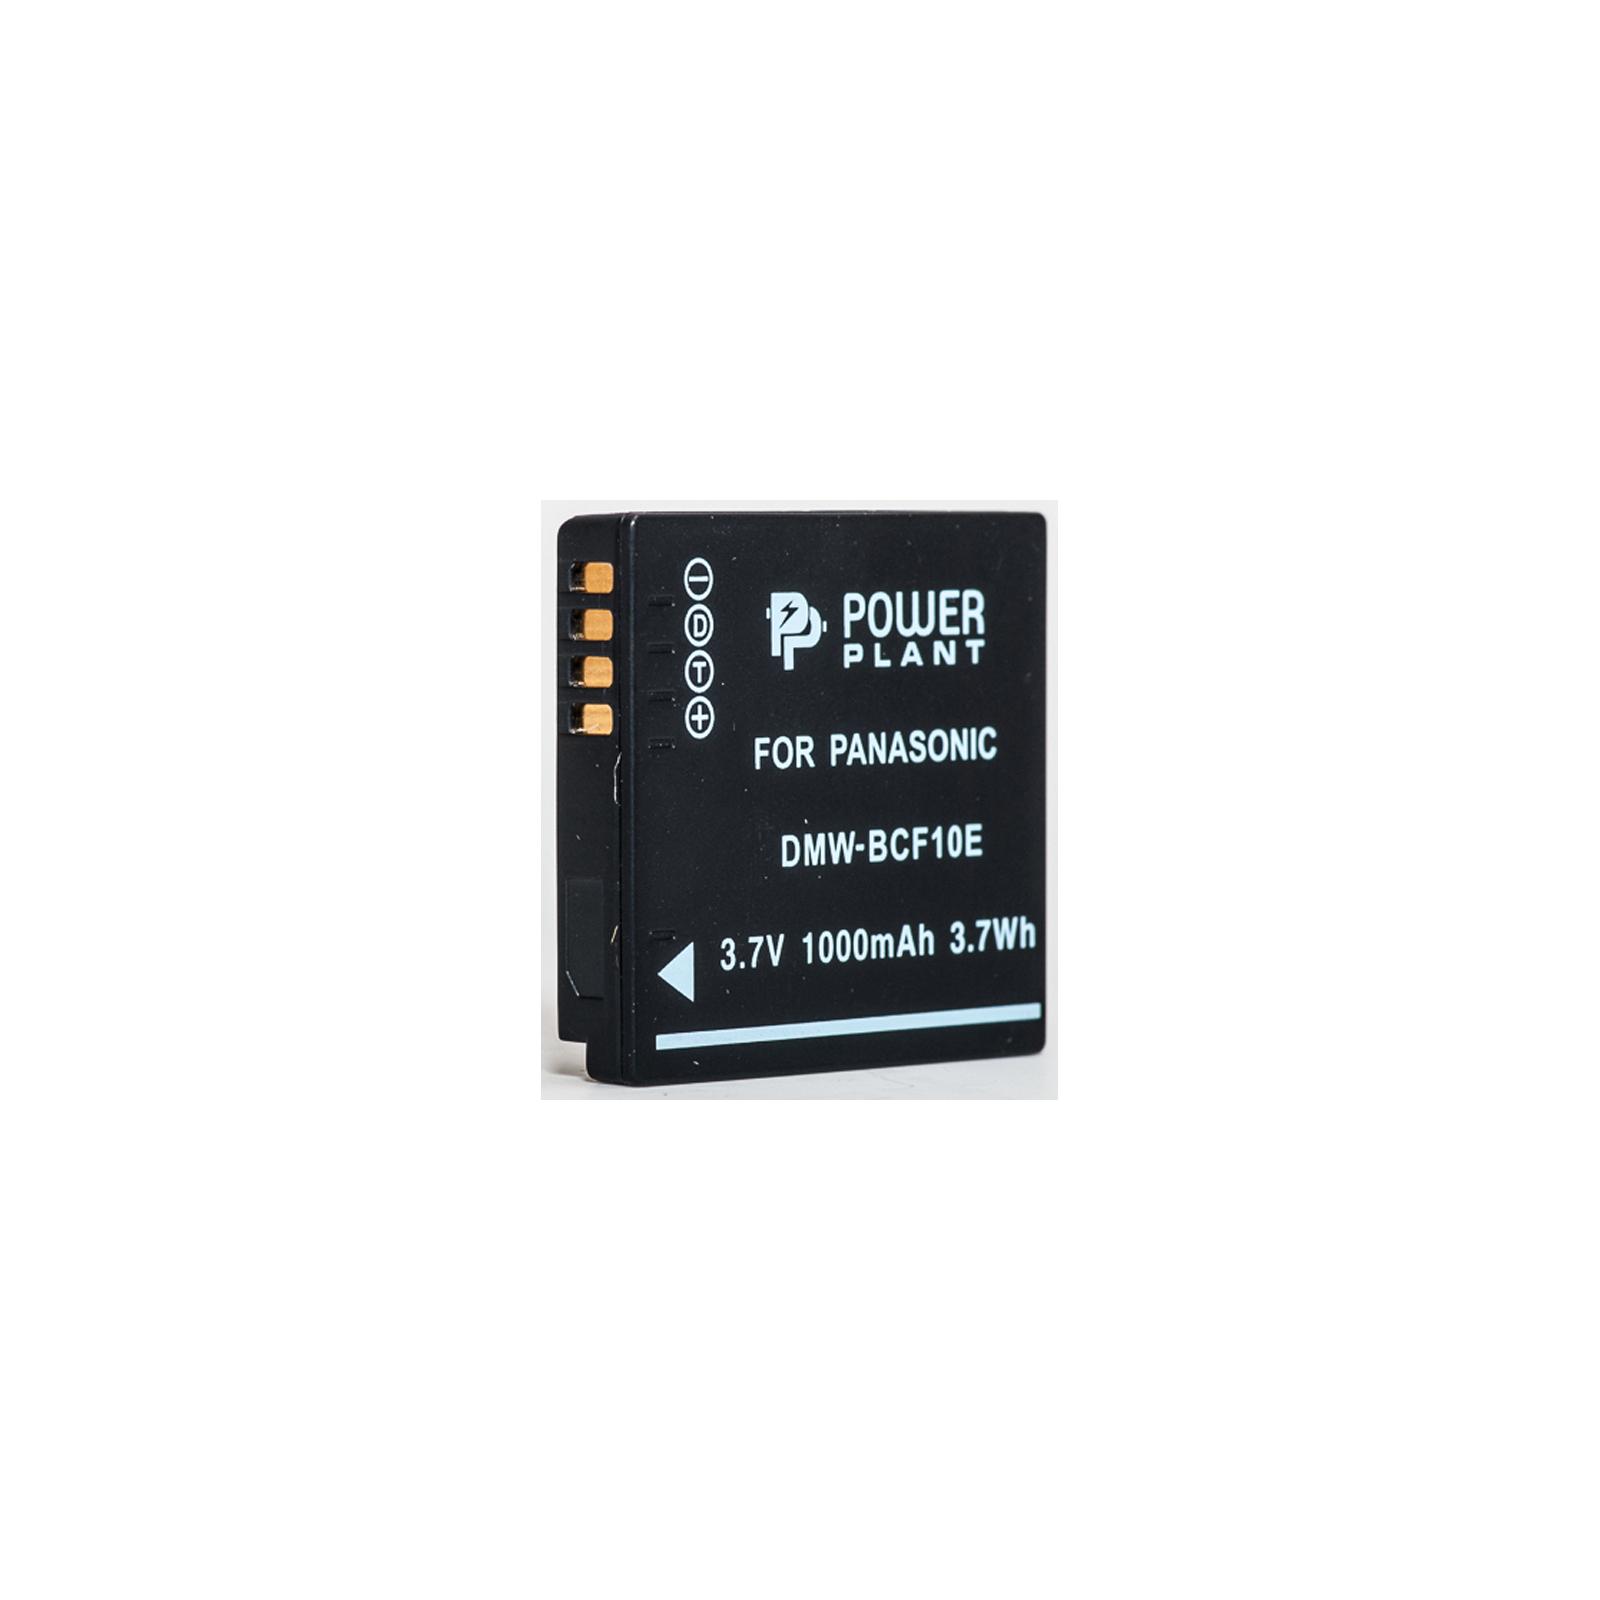 Аккумулятор к фото/видео PowerPlant Panasonic DMW-BCF10E (DV00DV1254)